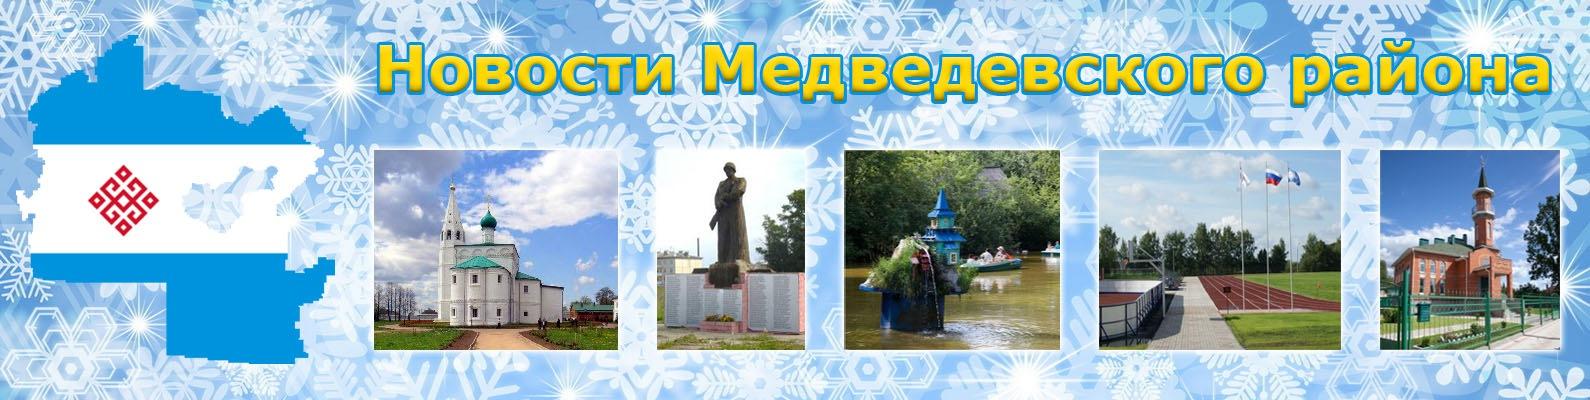 Марийские поздравления с юбилеем на марийском языке 513